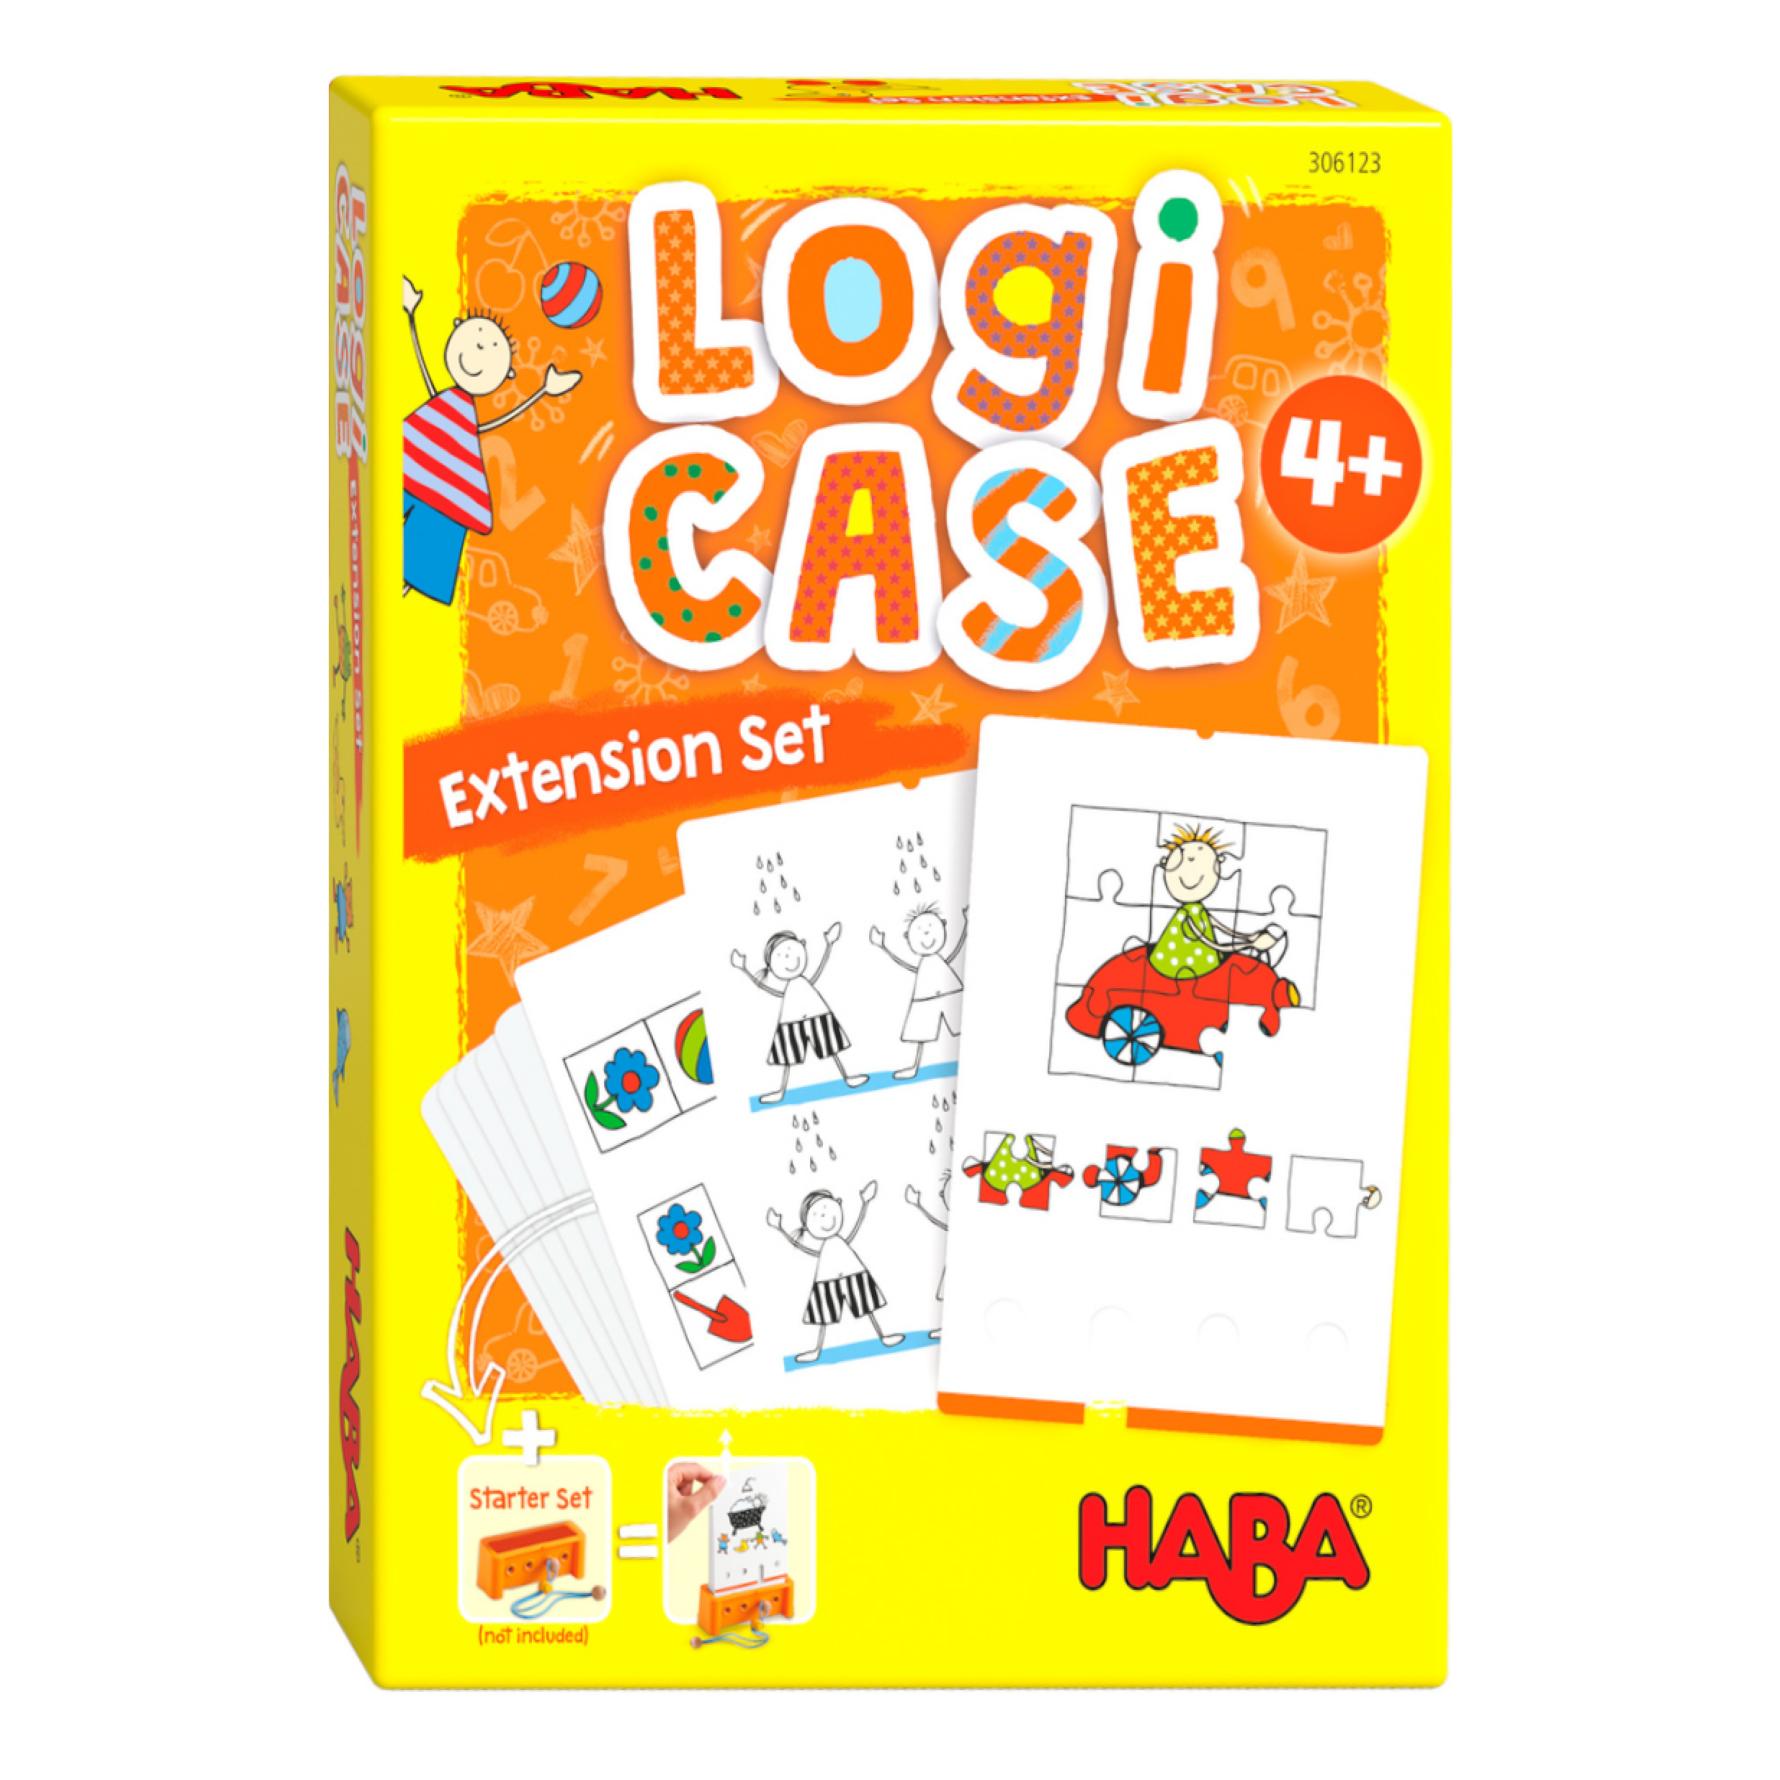 Spel - LogiCASE - Alledaagse leven - Uitbreidingsset - 4+